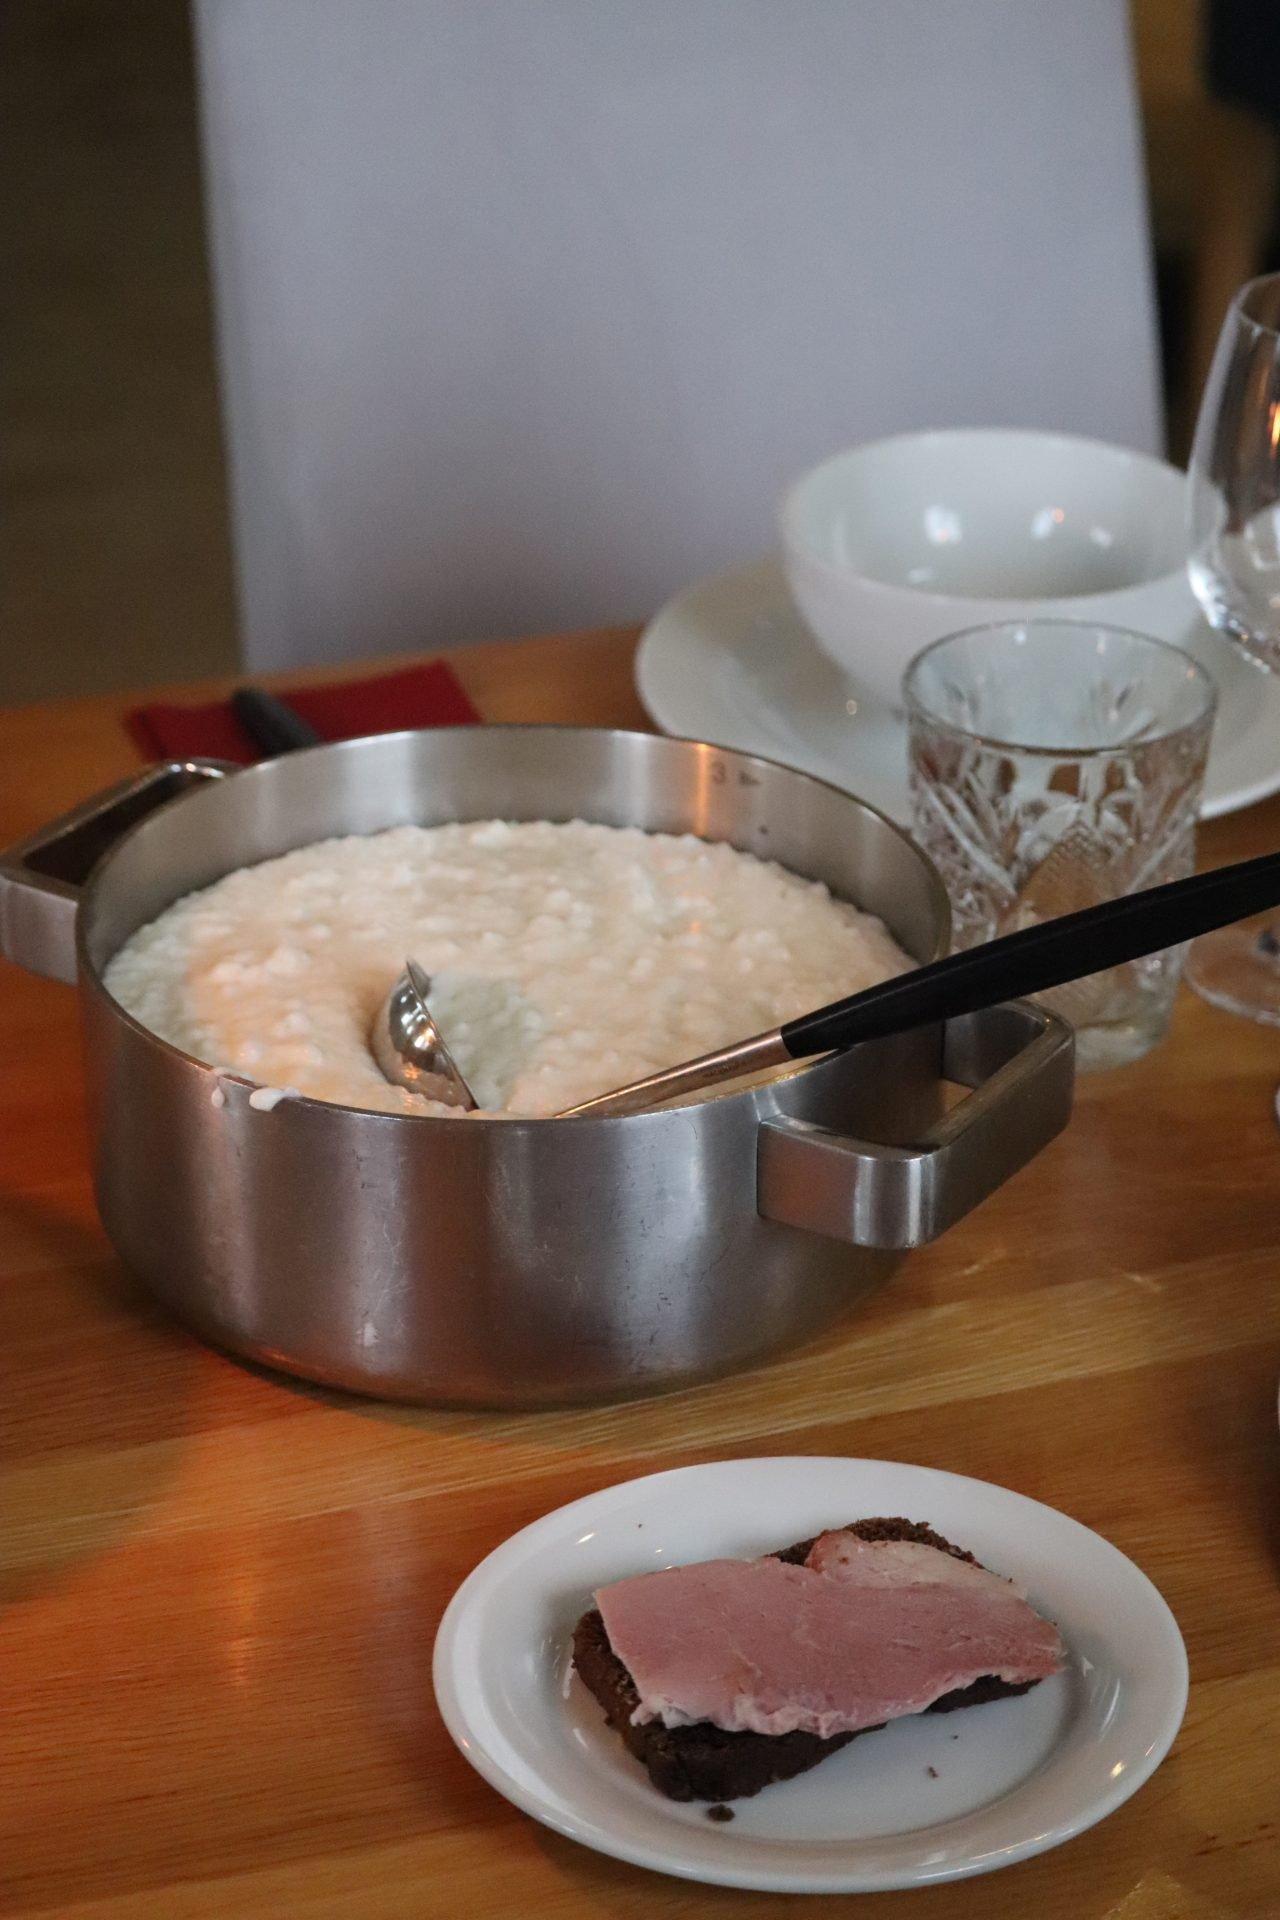 smakbyn ravintola riisipuuro kinkkuvoileipä jouluruoka